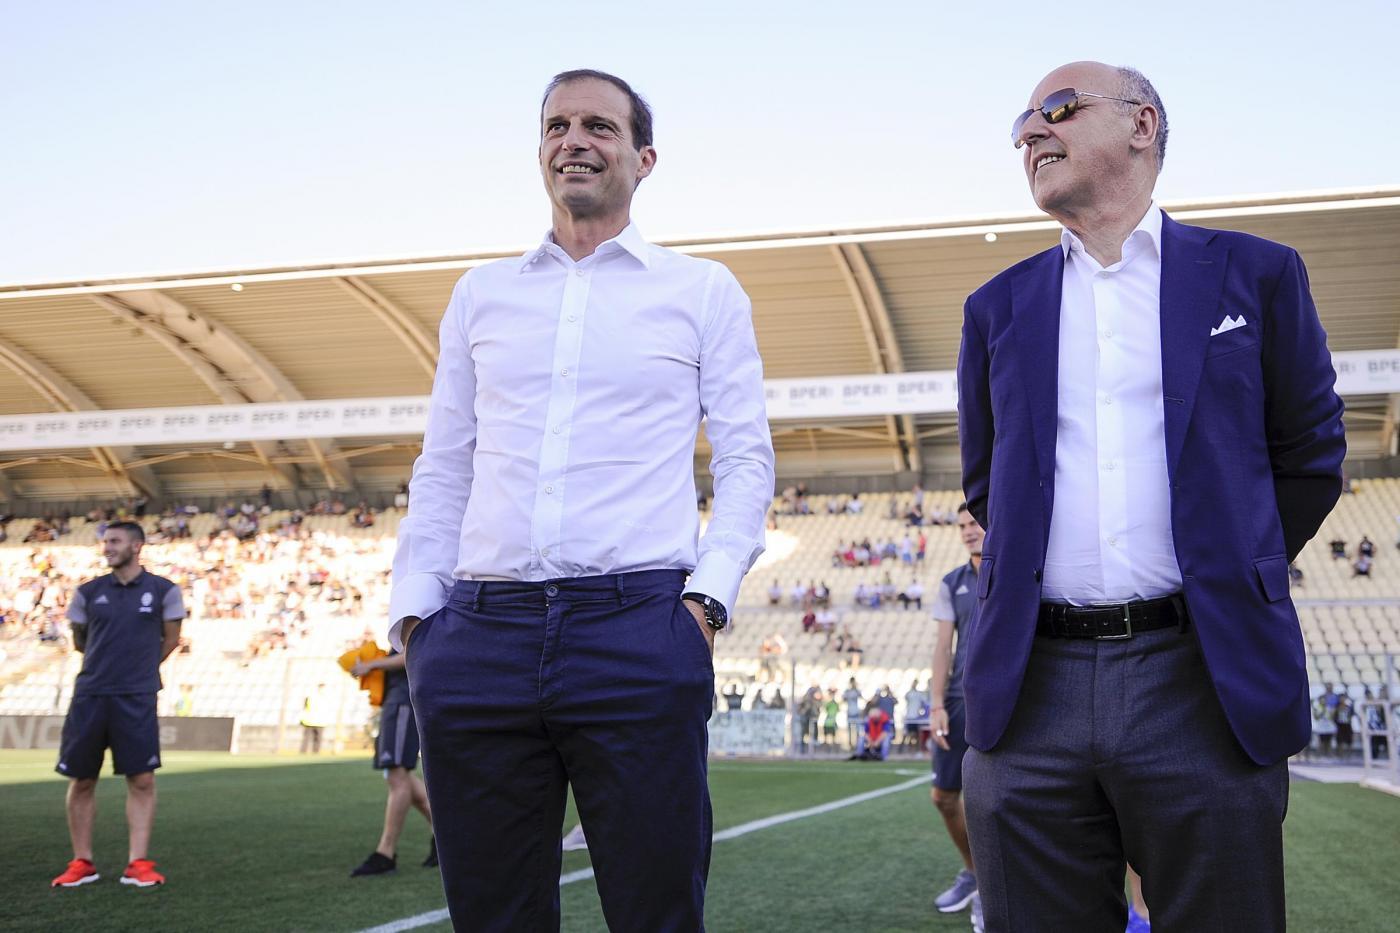 Calciomercato Juventus, 10 milioni al Boca Juniors per Bentancur: arriva a gennaio